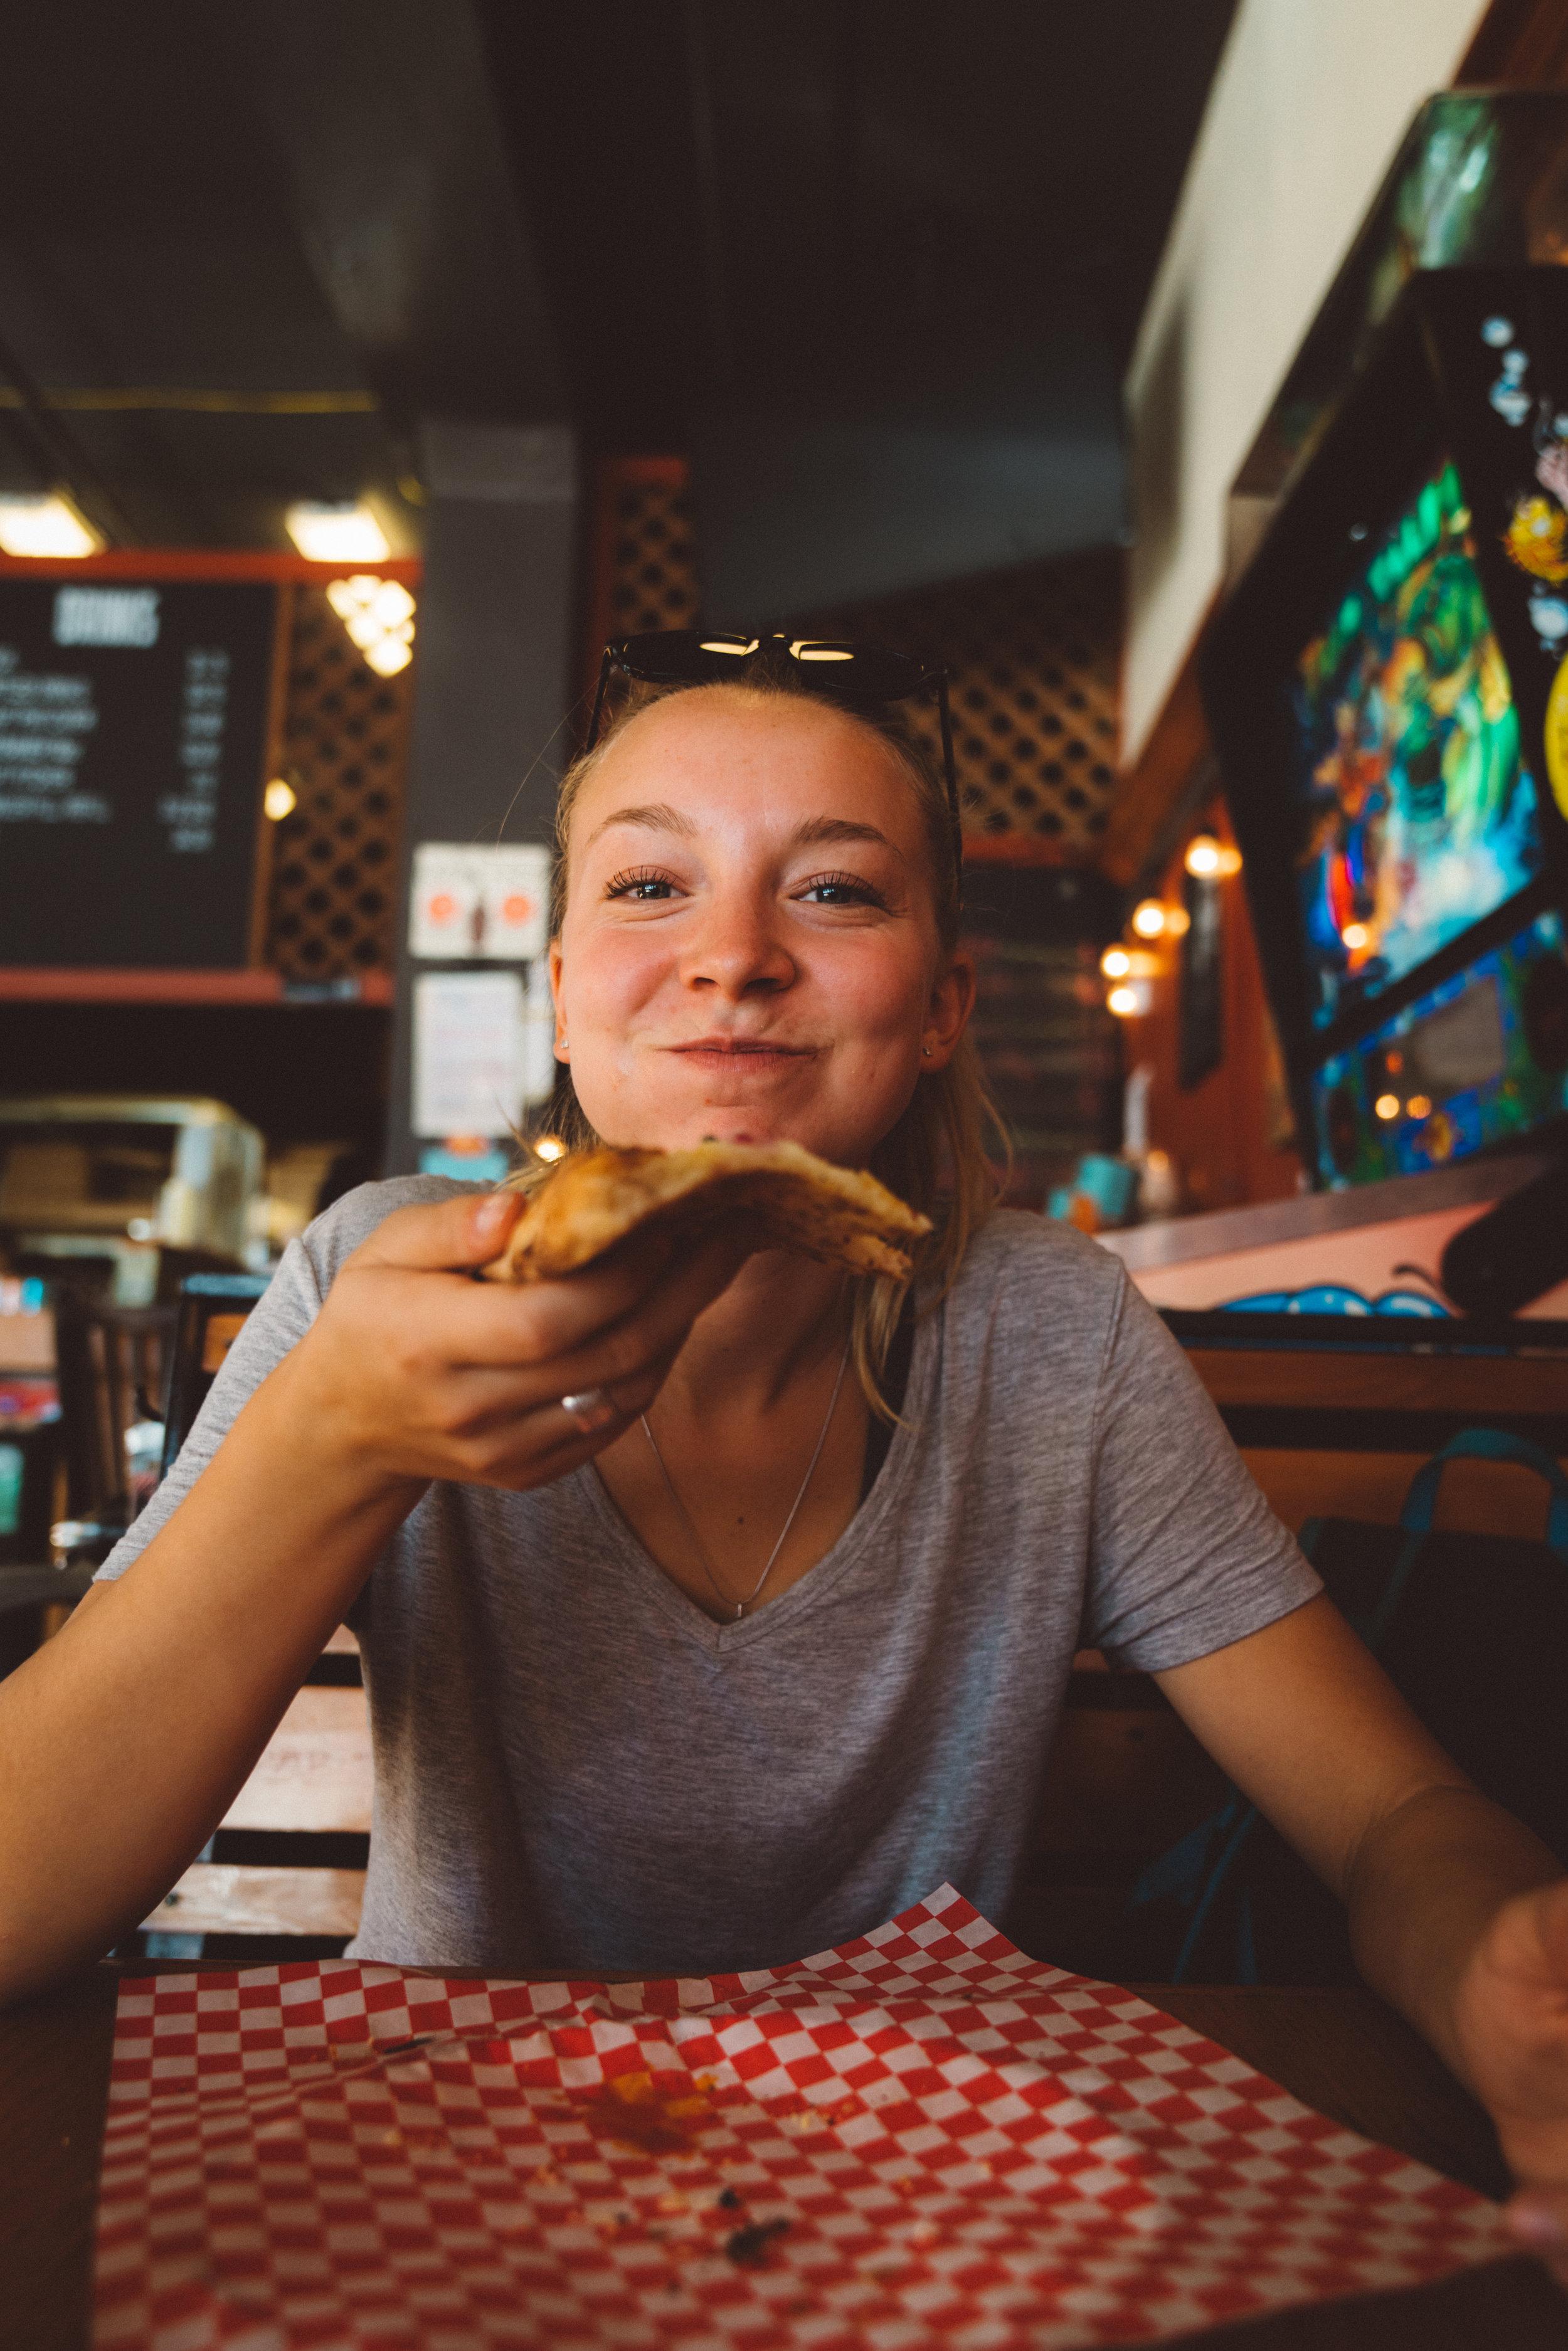 Danielle enjoying Straight from NY pizza.